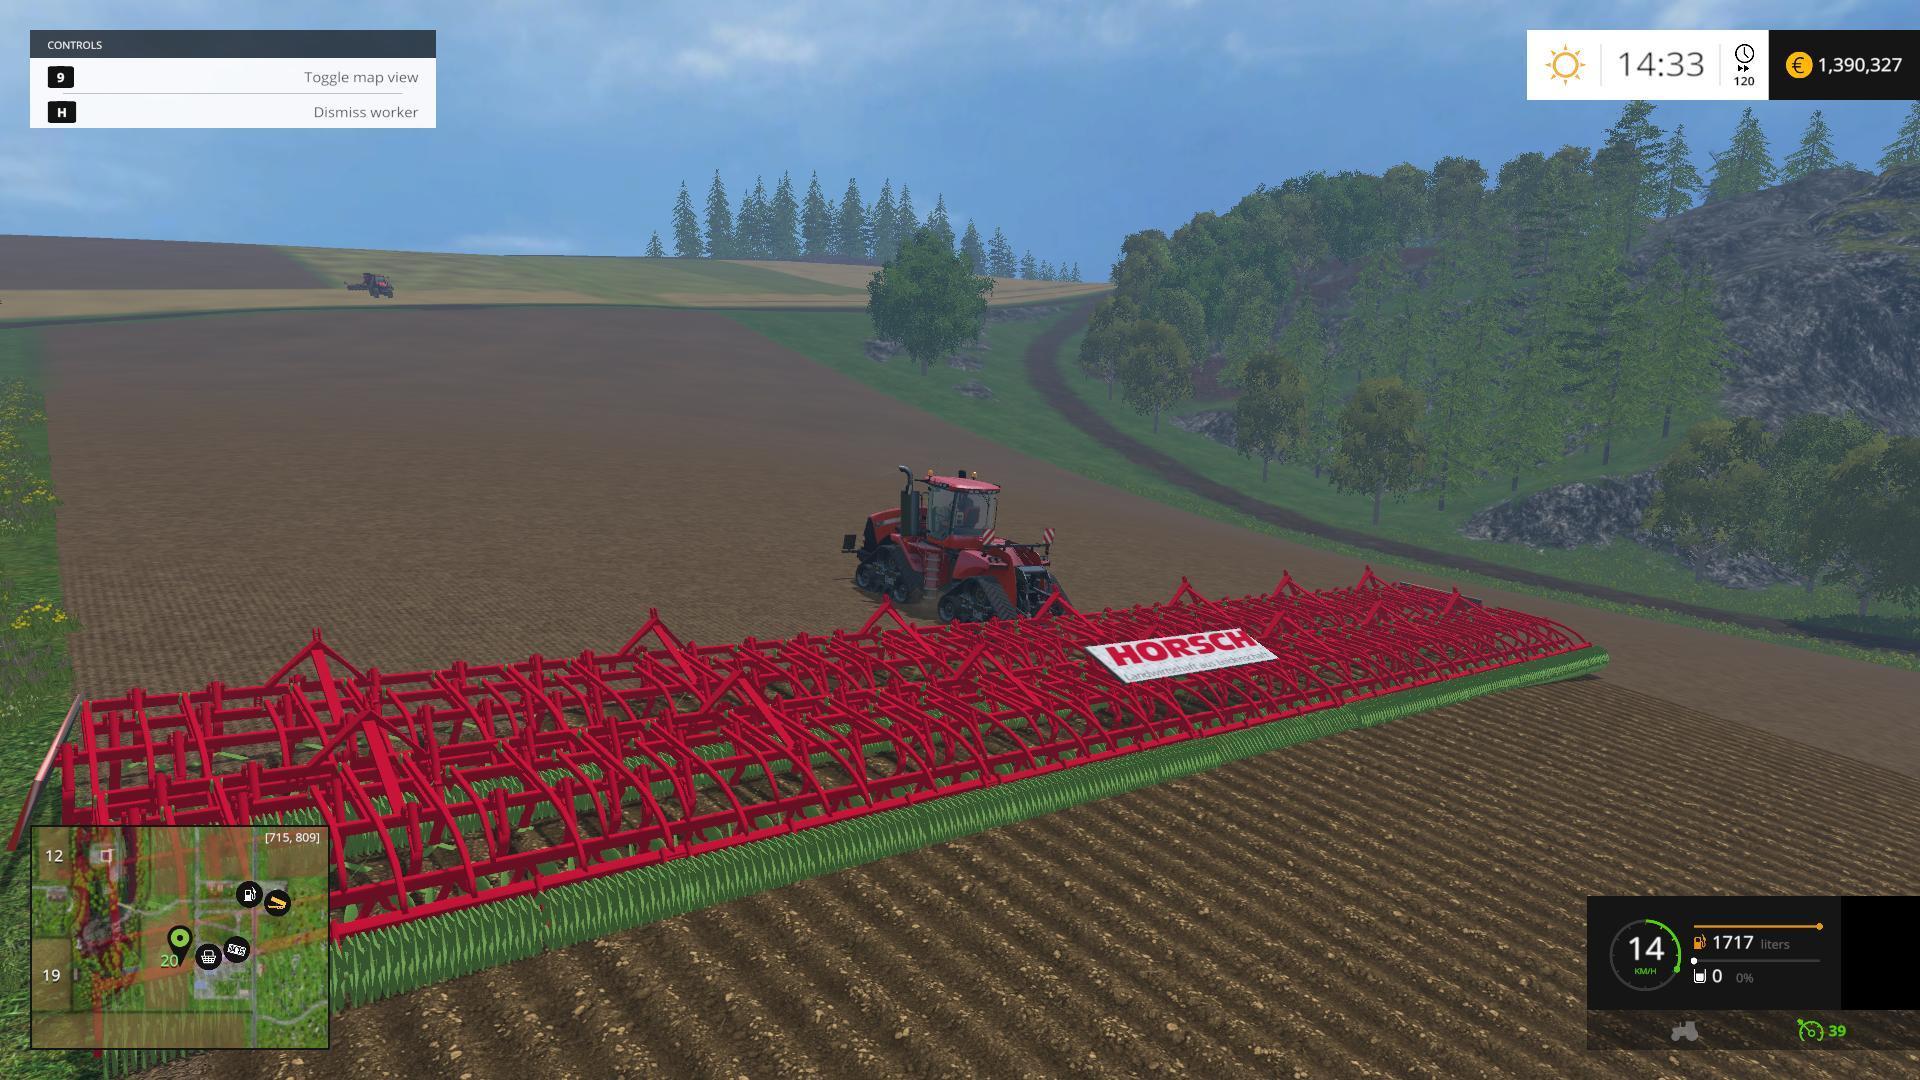 HORSCH GRUBBER 50M CULTIVATOR / PLOW • Farming simulator 19